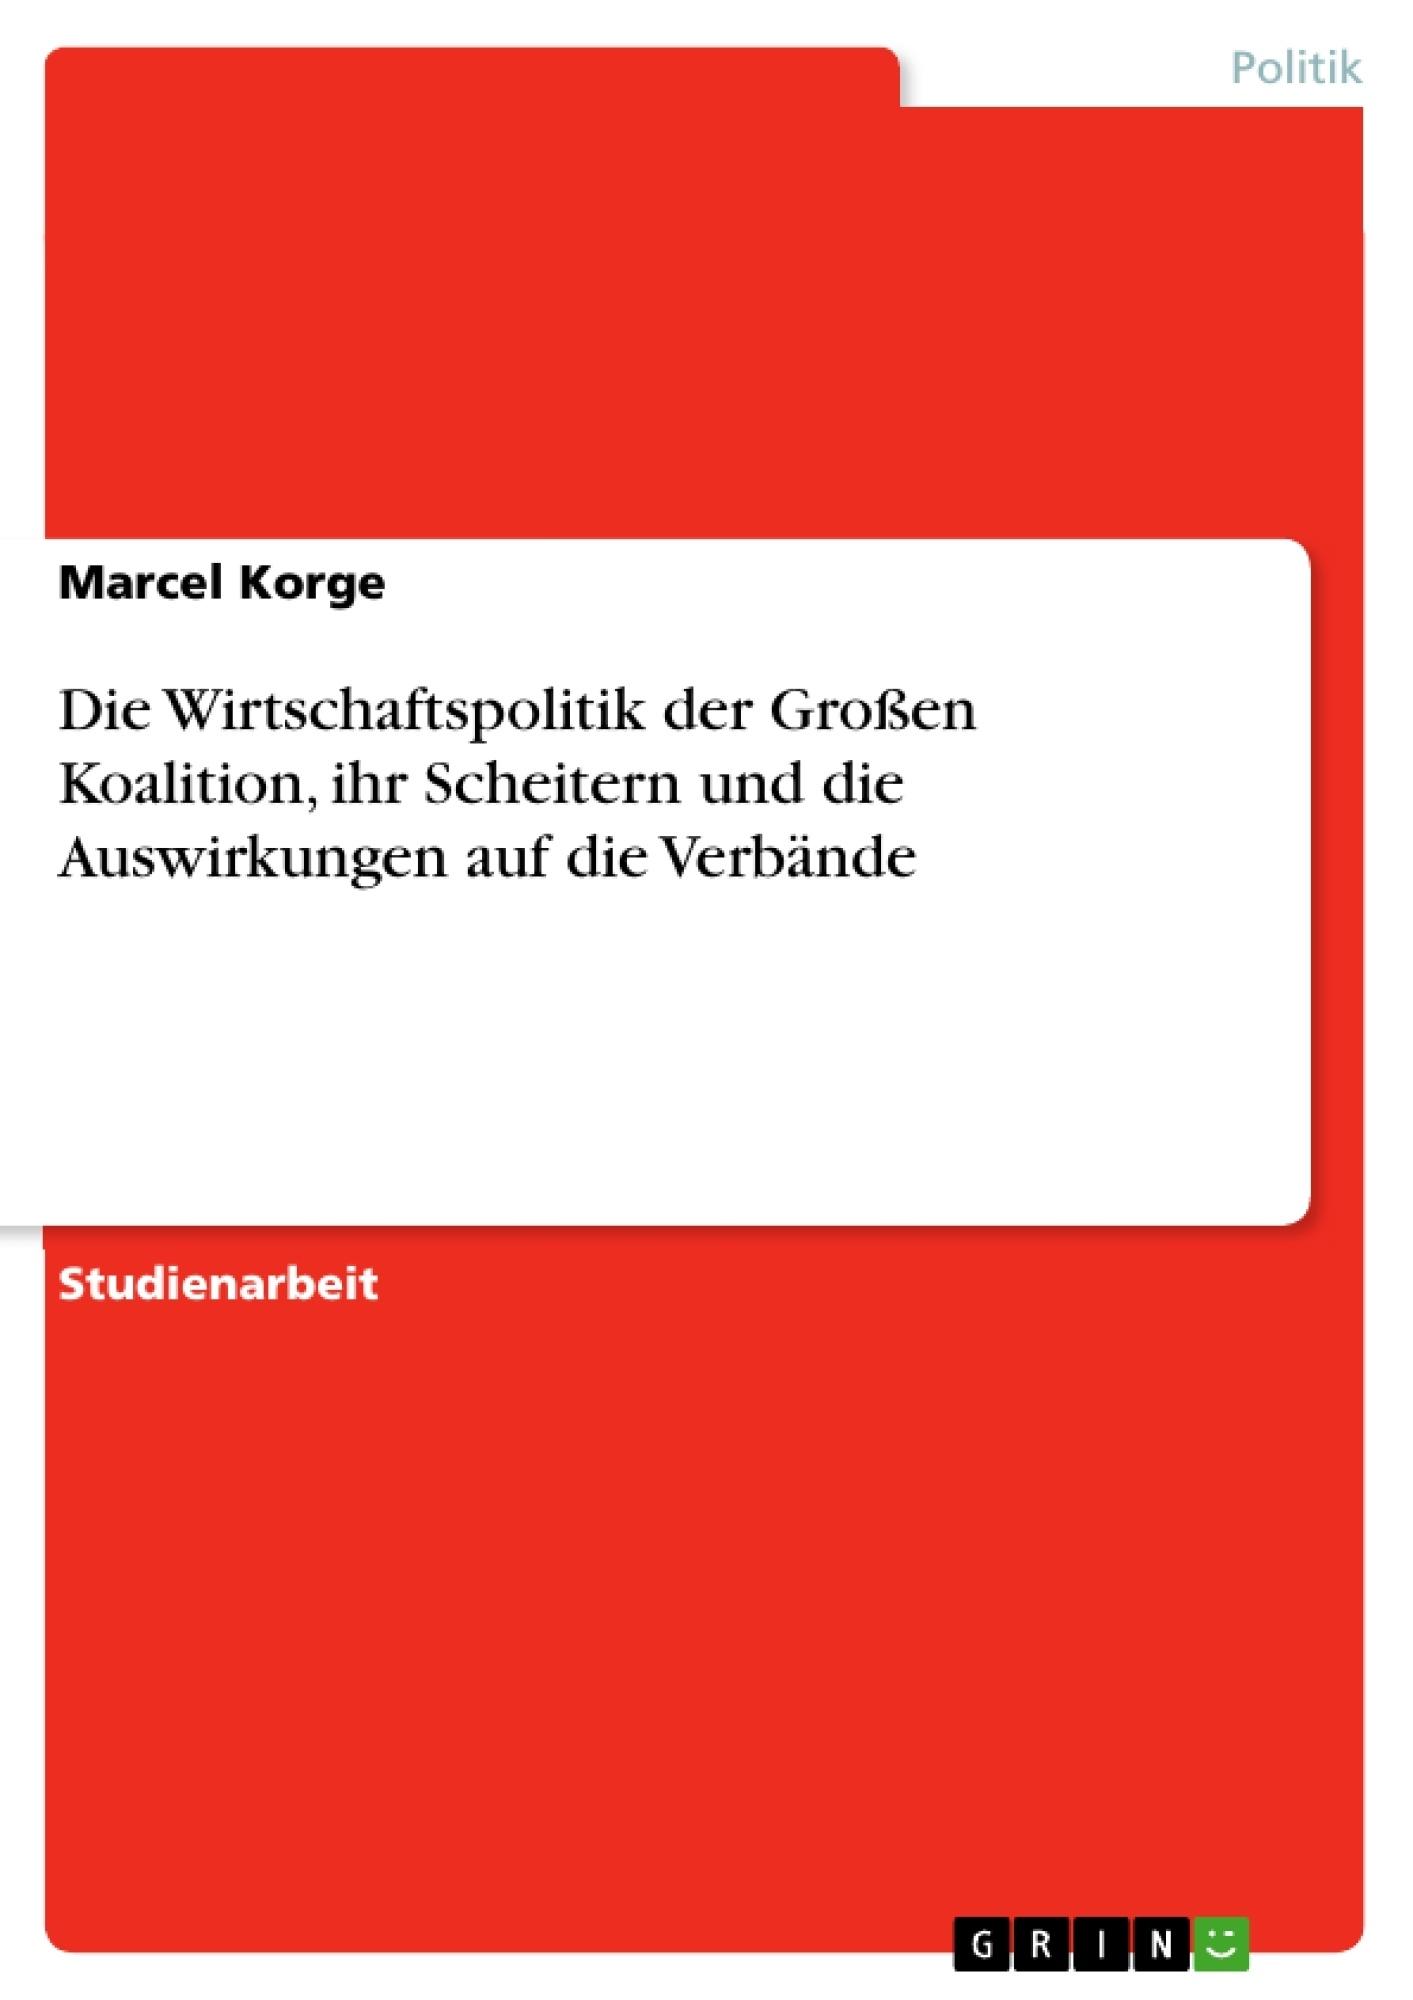 Titel: Die Wirtschaftspolitik der Großen Koalition, ihr Scheitern und die Auswirkungen auf die Verbände